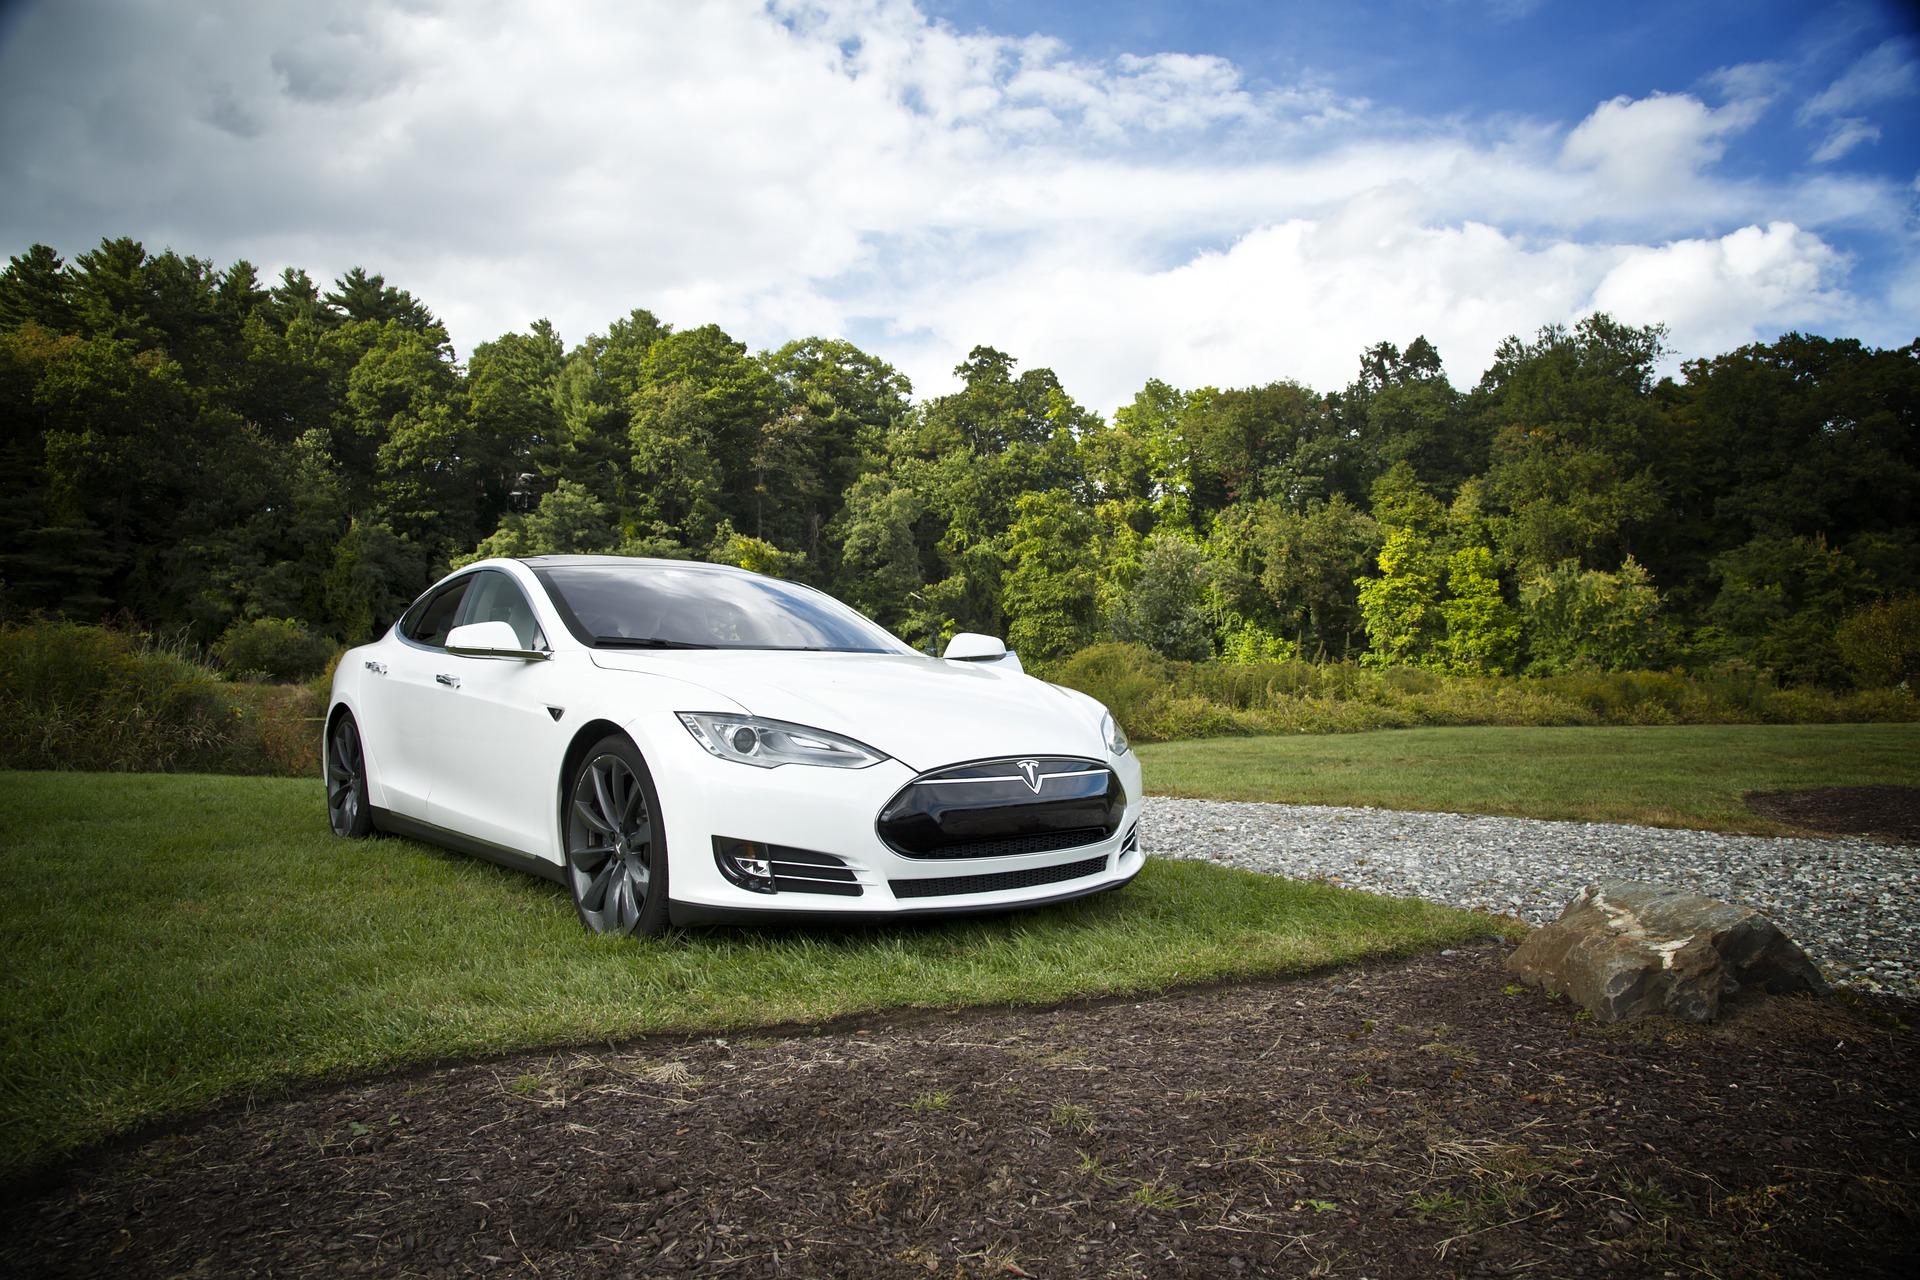 Witte Tesla in natuuromgeving